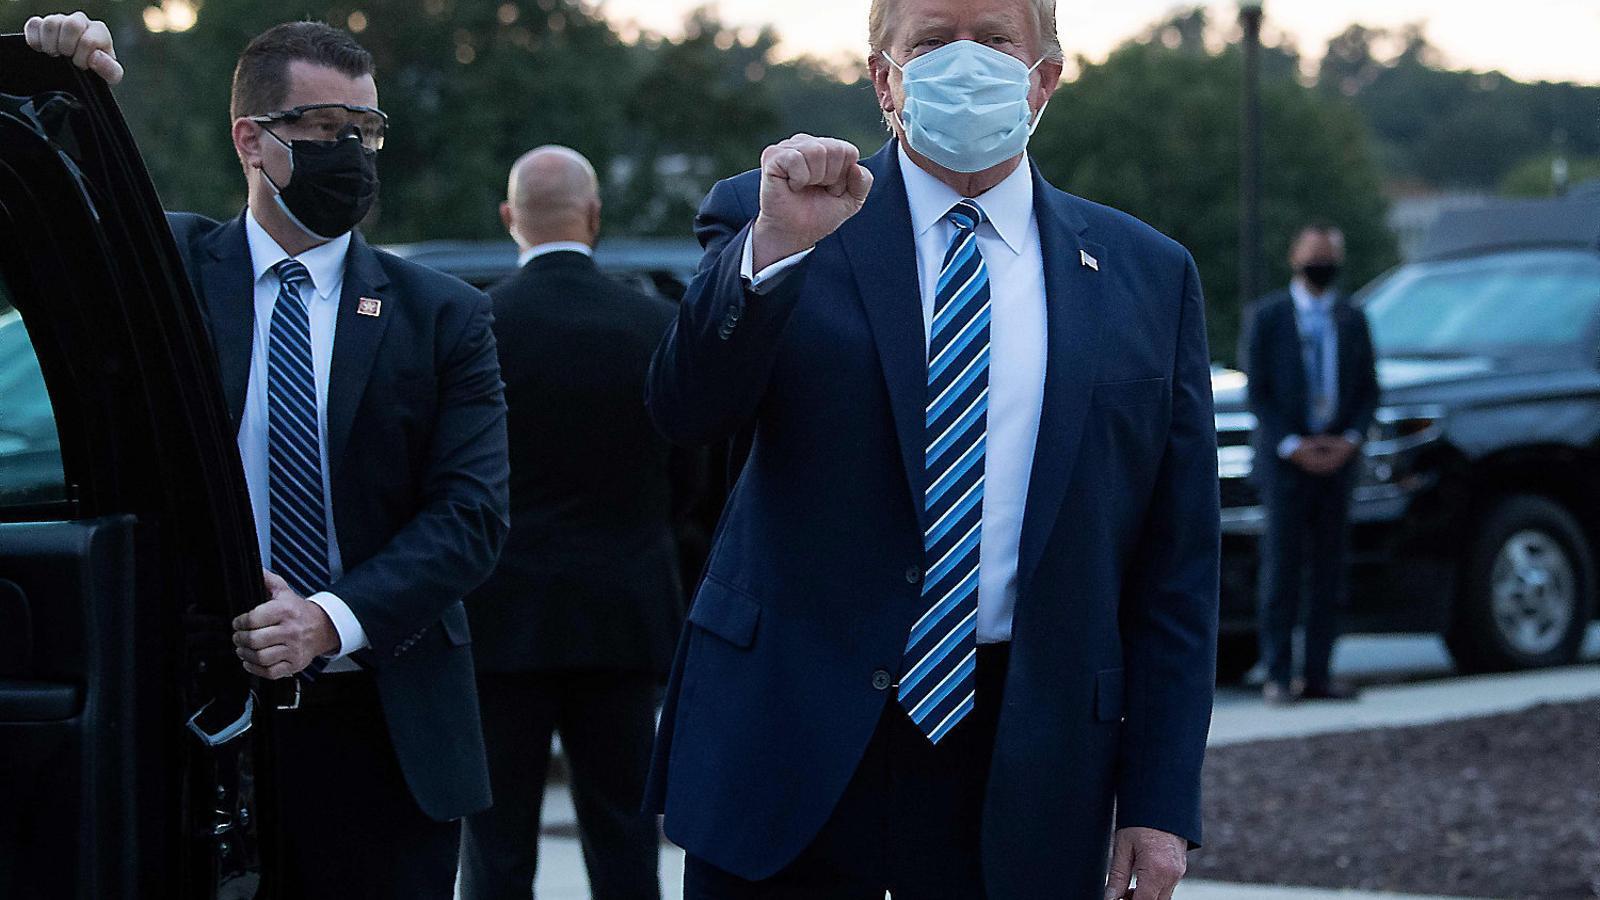 Donald Trump fent un gest amb el puny en el moment de sortir de l'hospital dilluns passat.